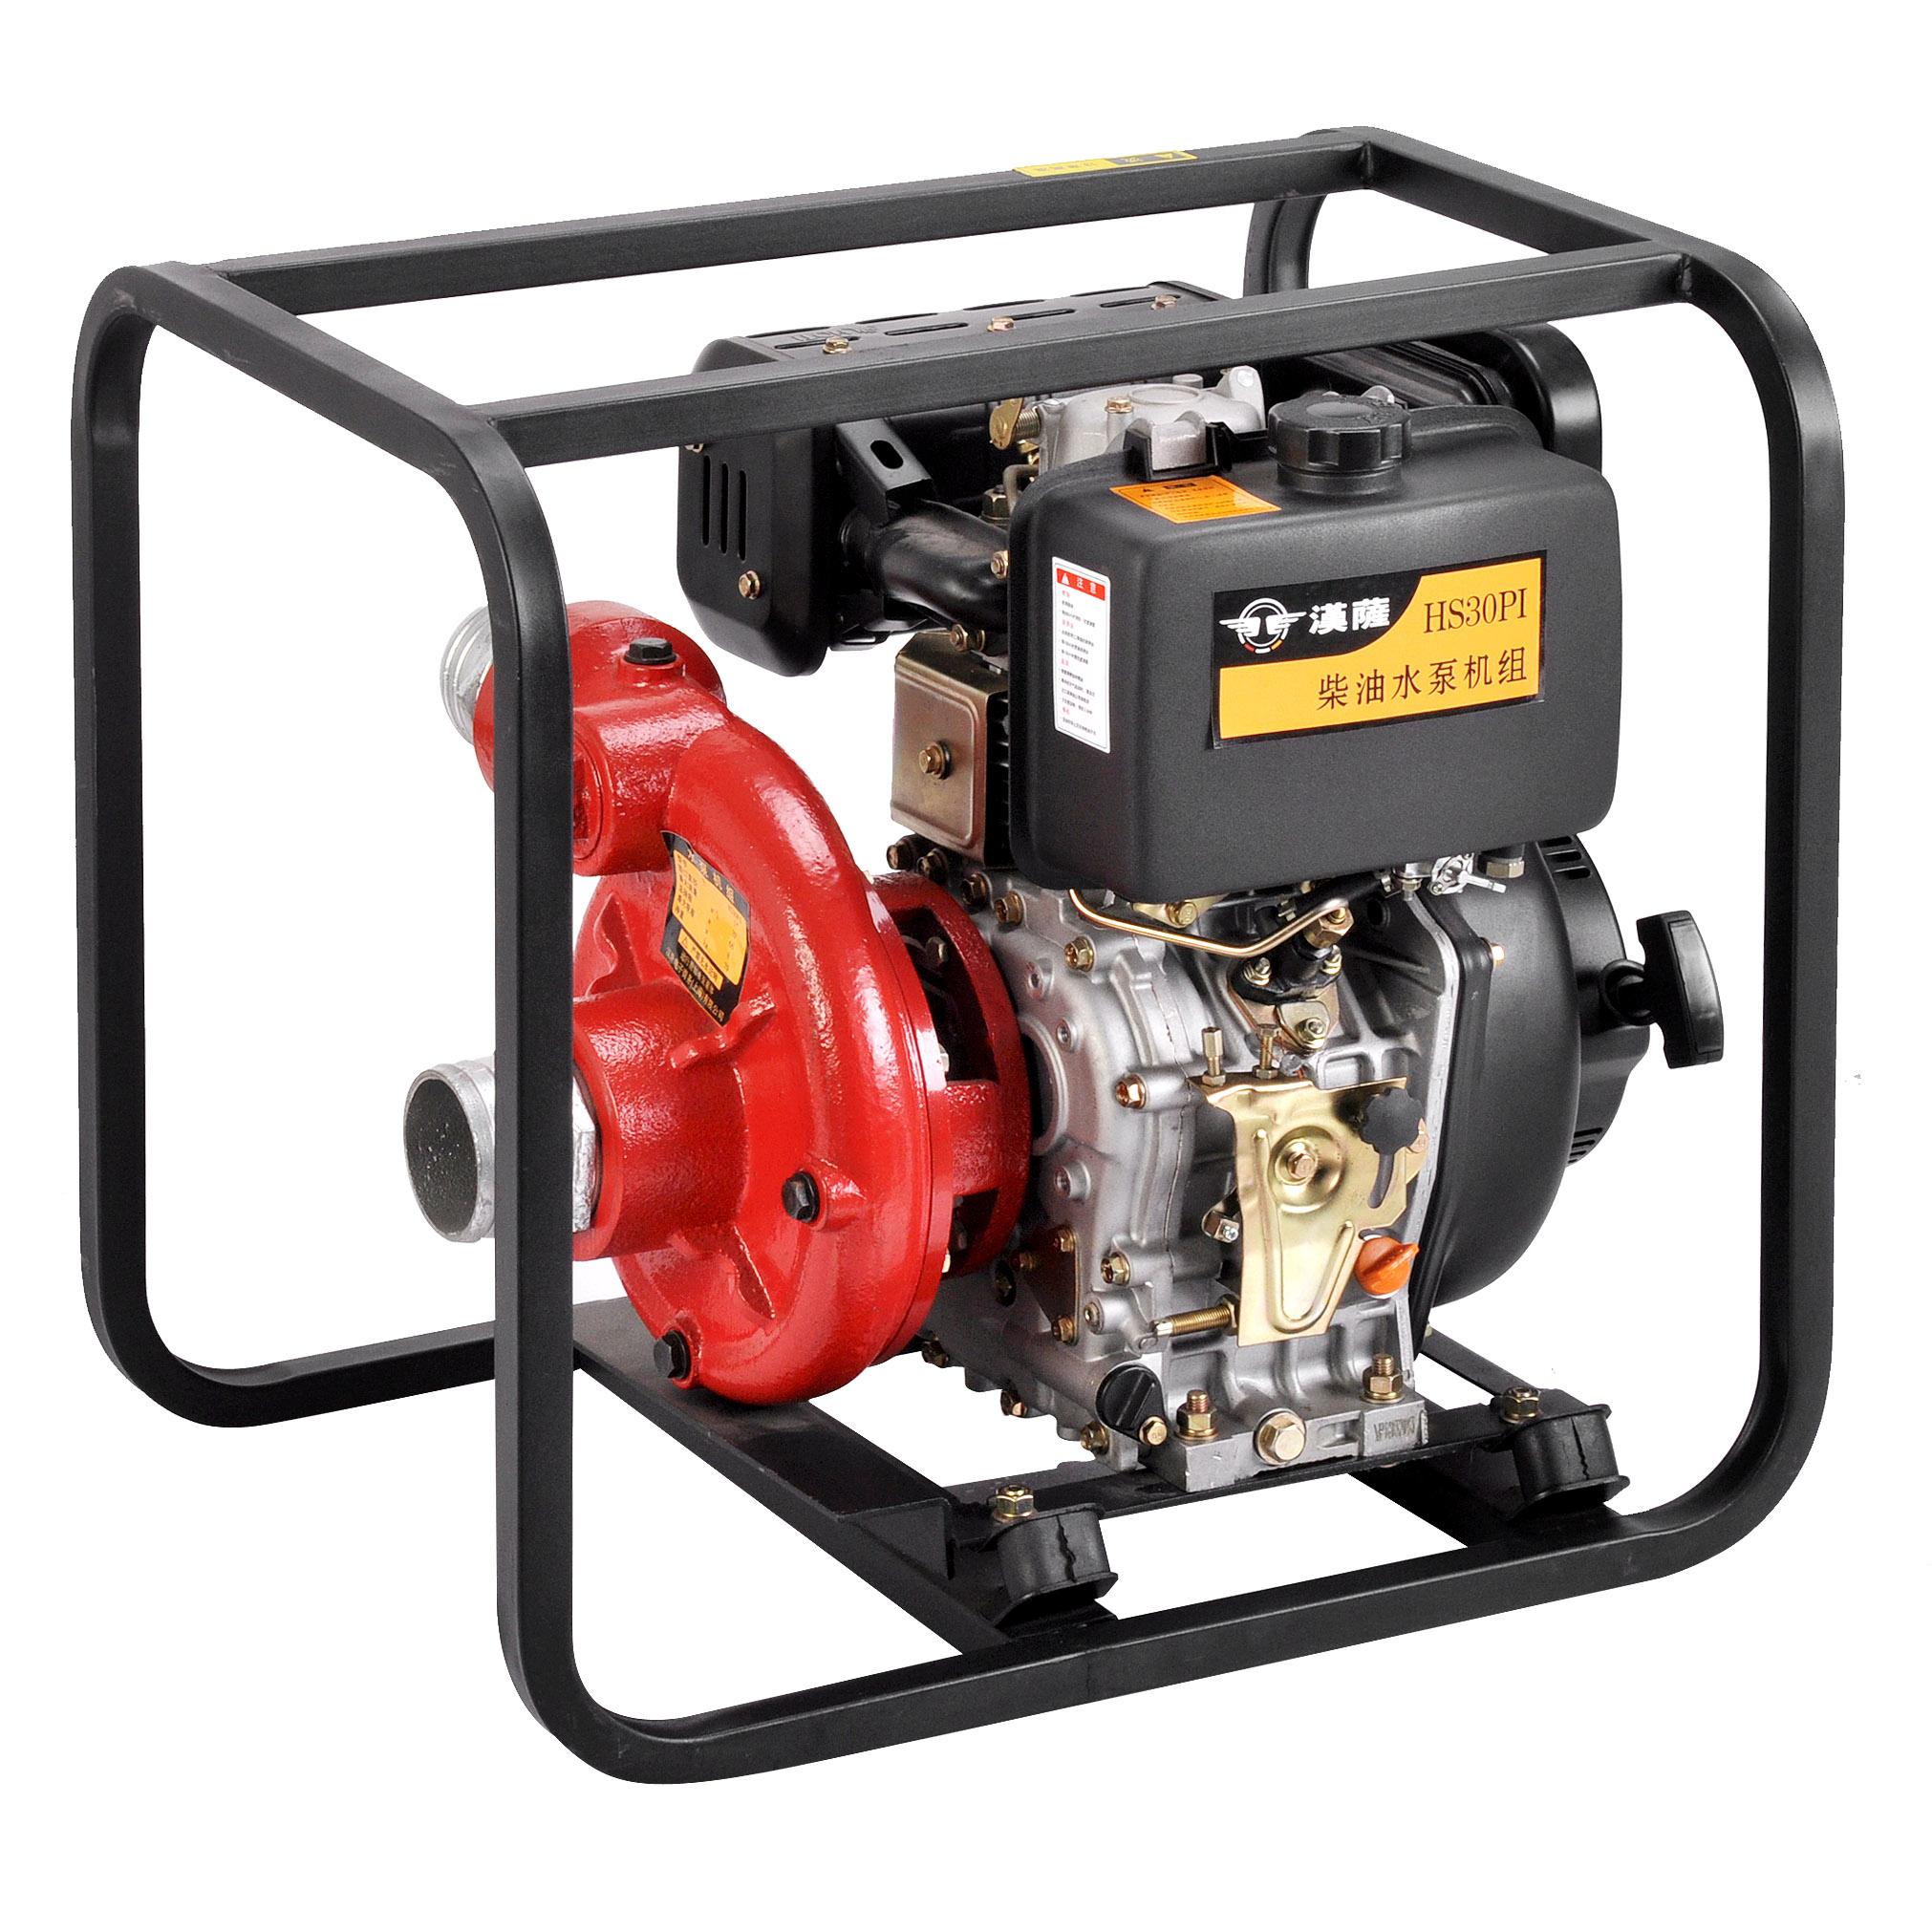 高压水泵//3寸柴油泵//厂家直销水泵